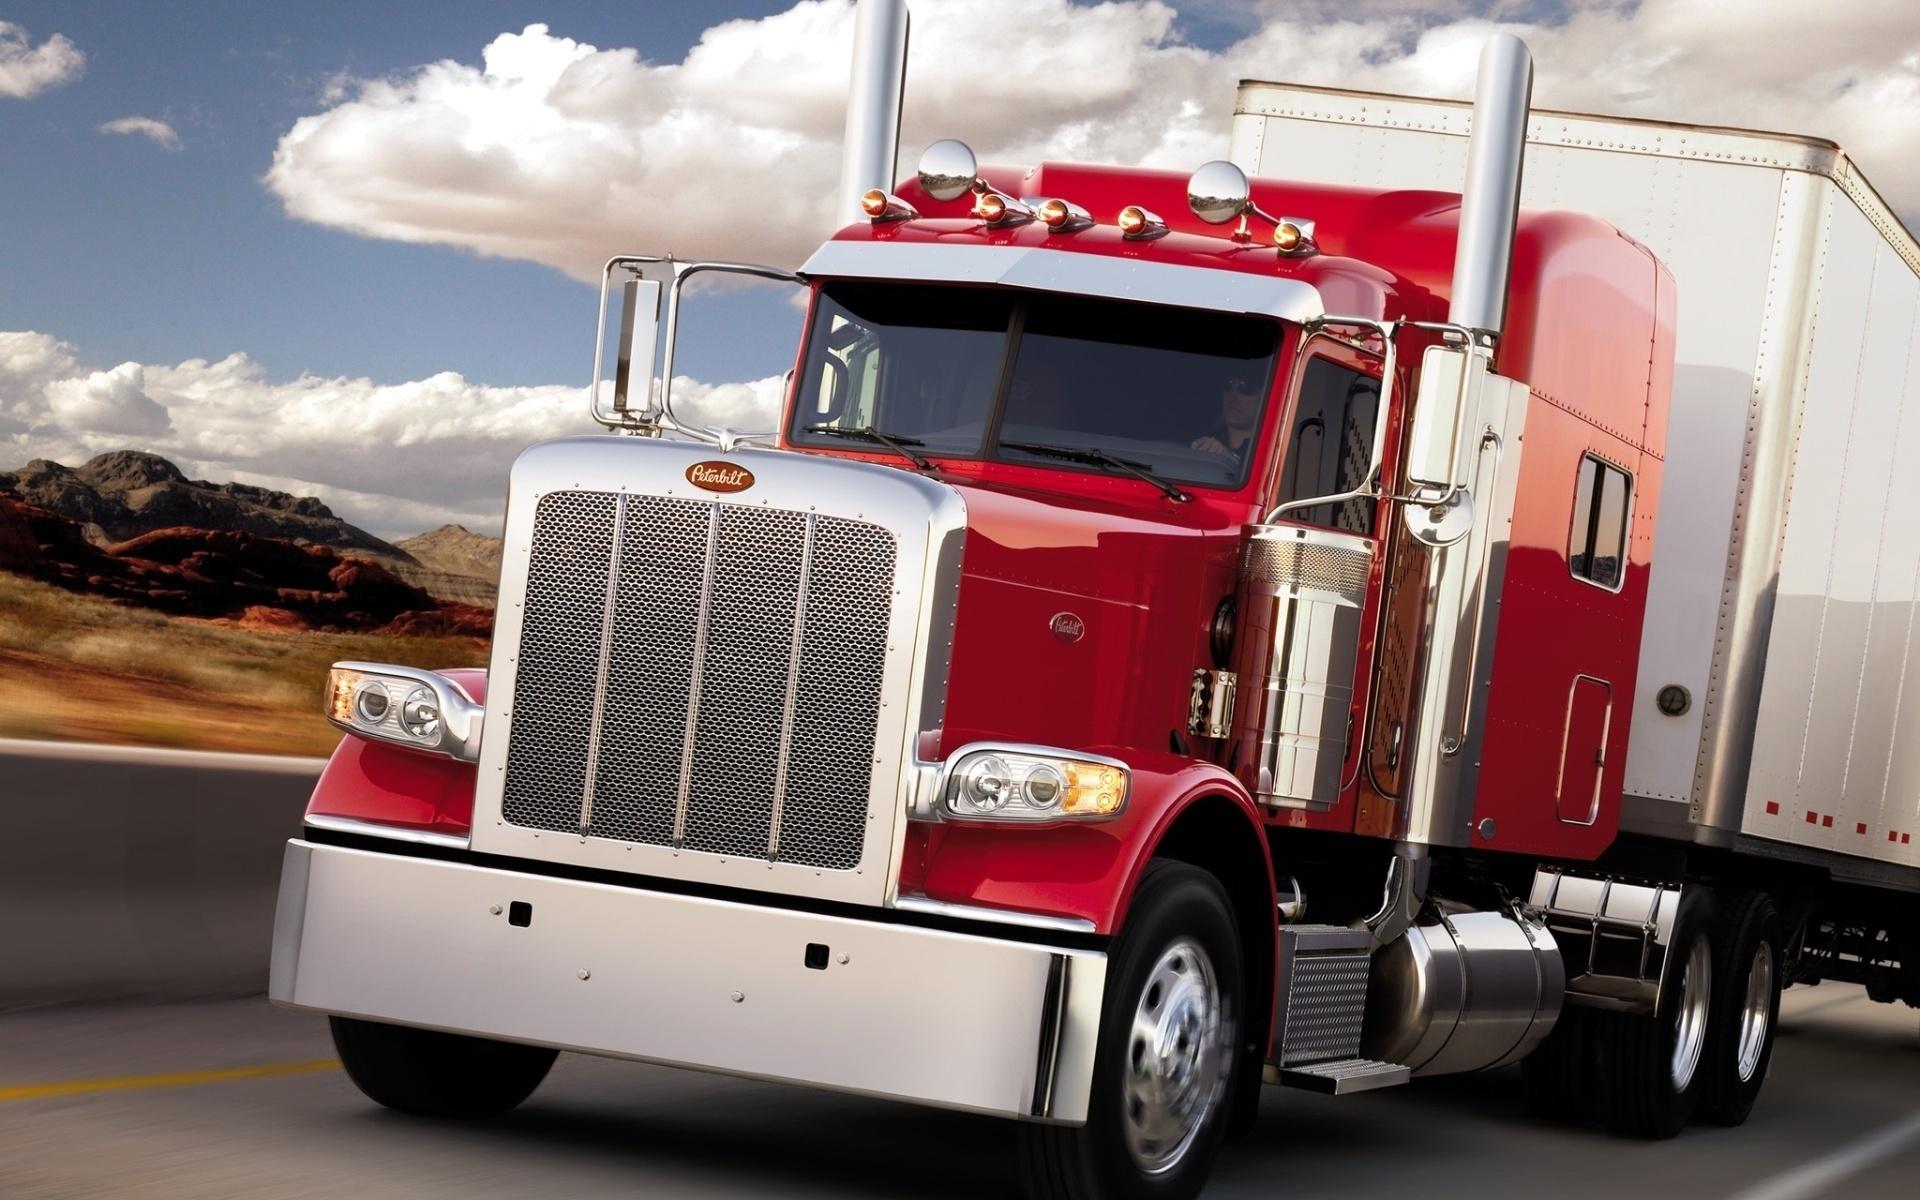 грузовик, 388, тягач, трак, Peterbilt, передок, петерблит, truck